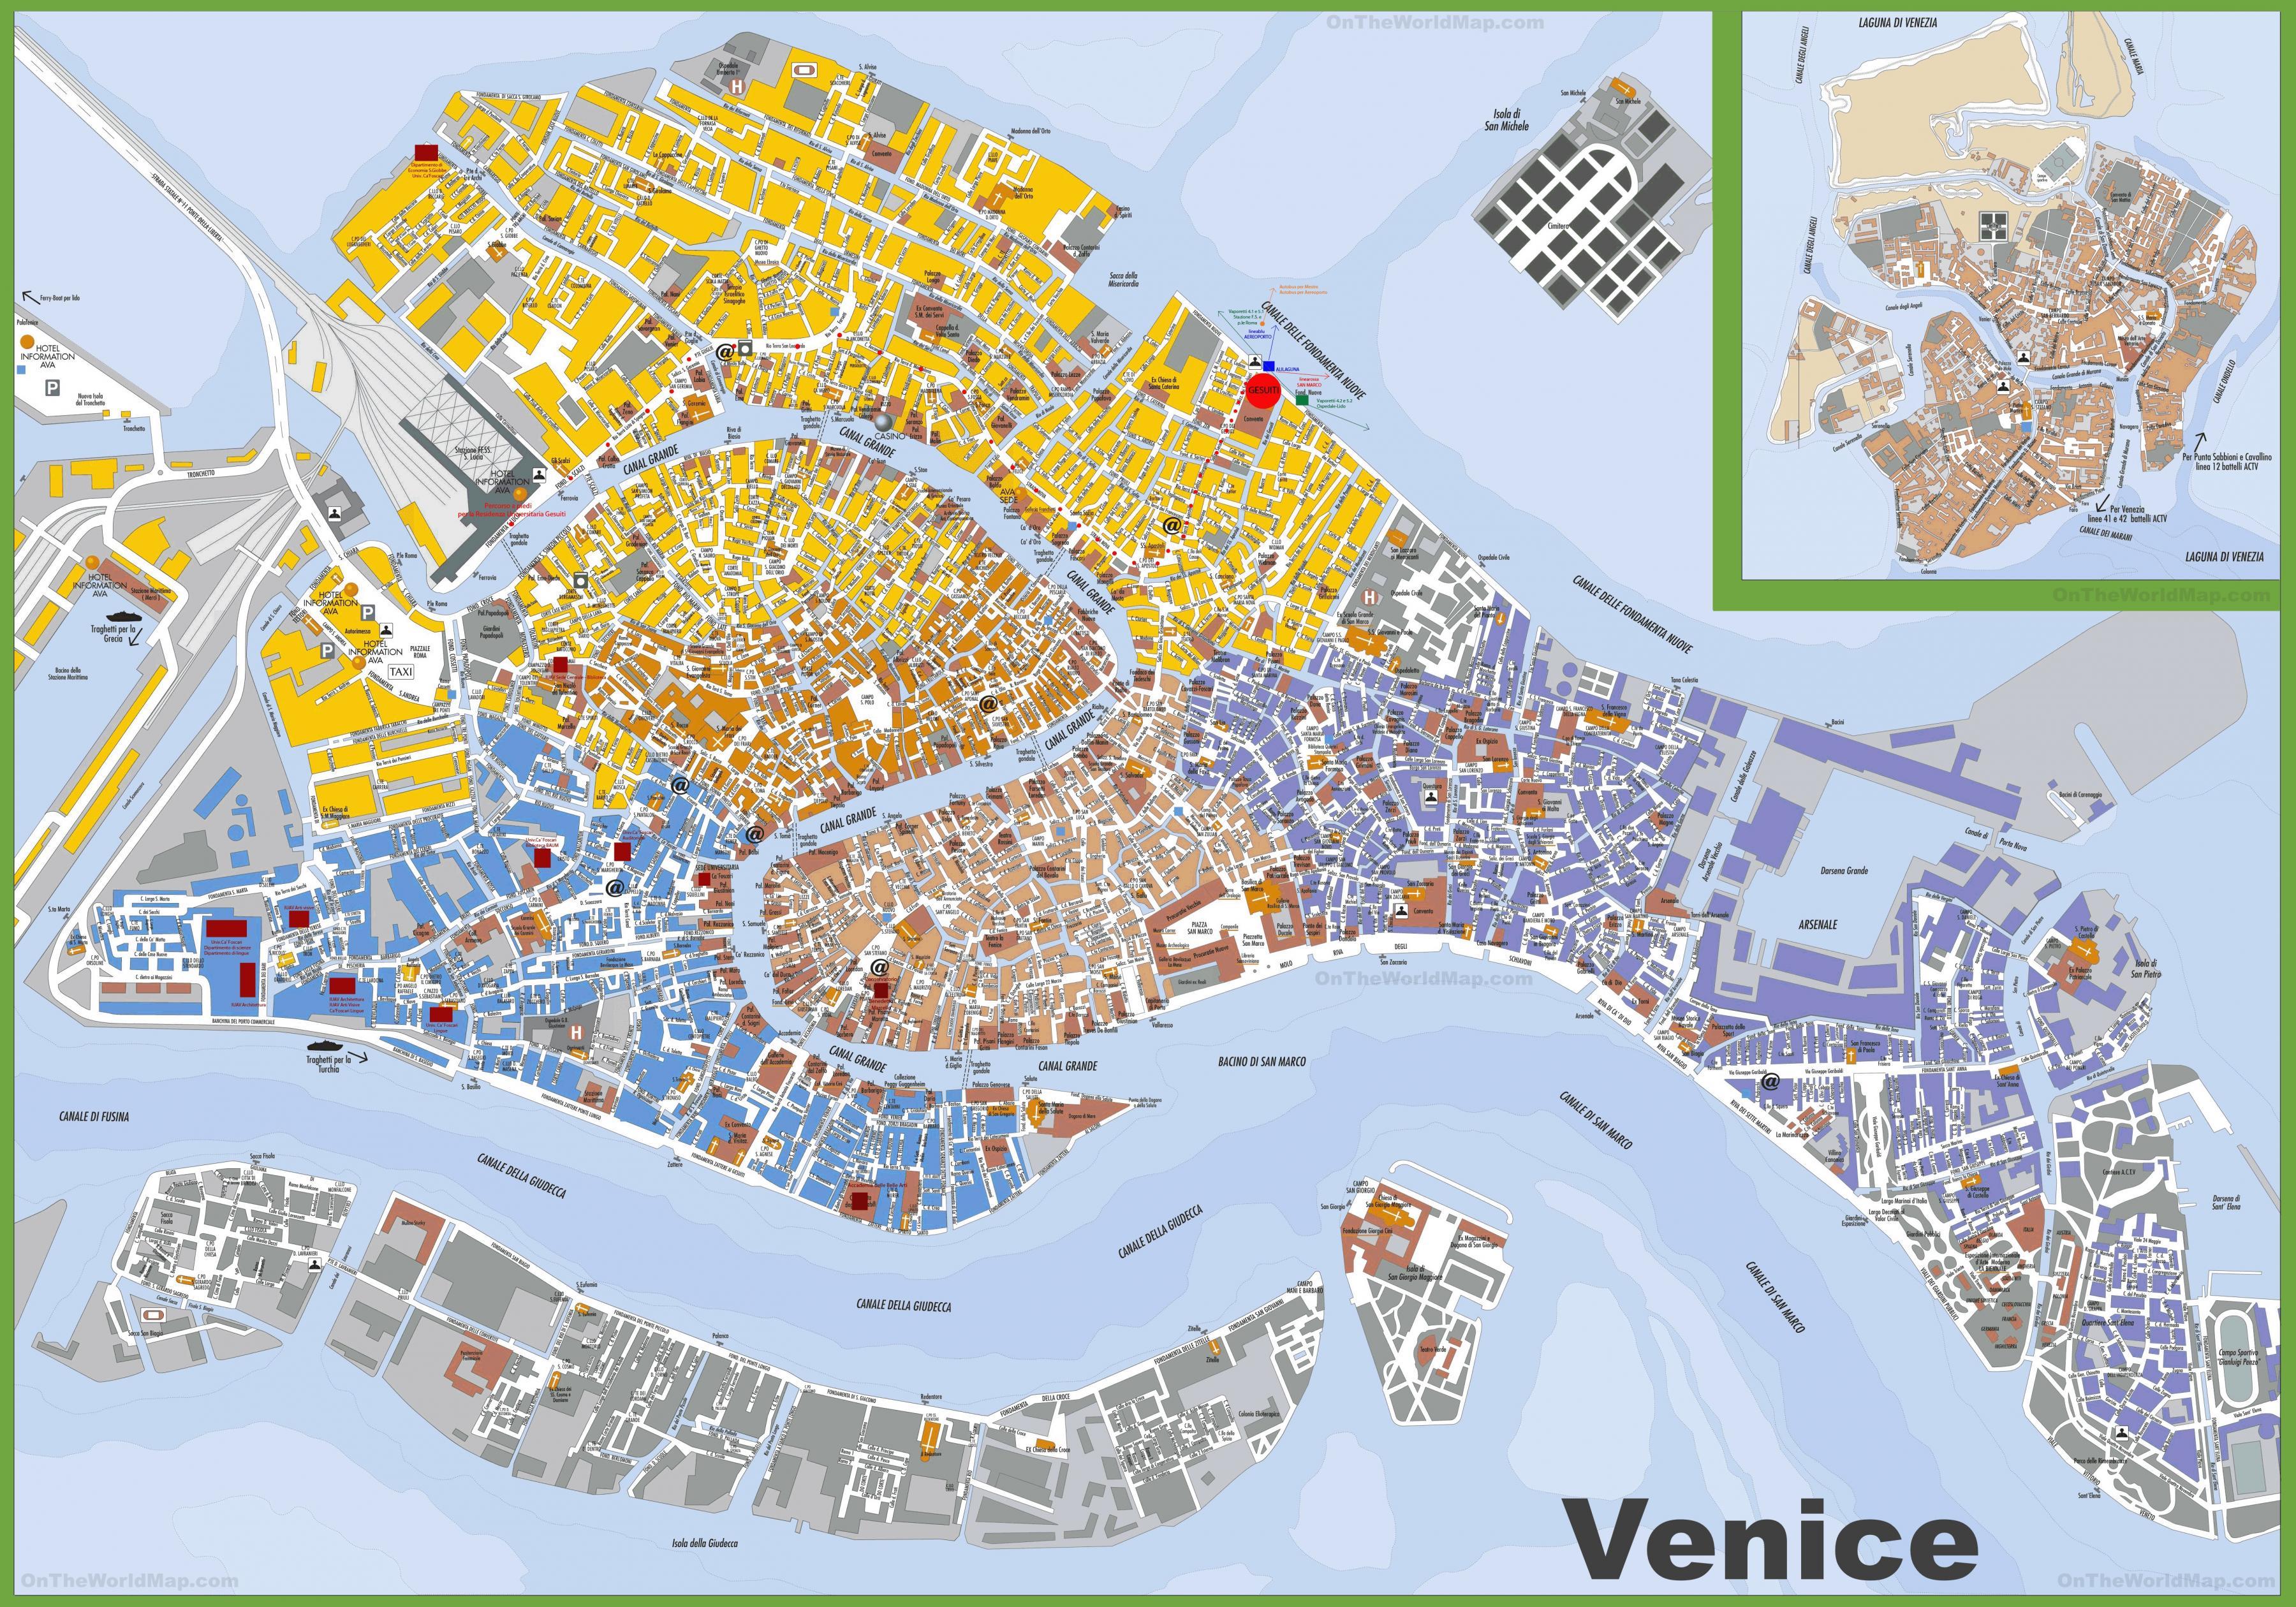 Venedig Karte.Venedig Karte Detaillierte Karte Von Venedig Italien